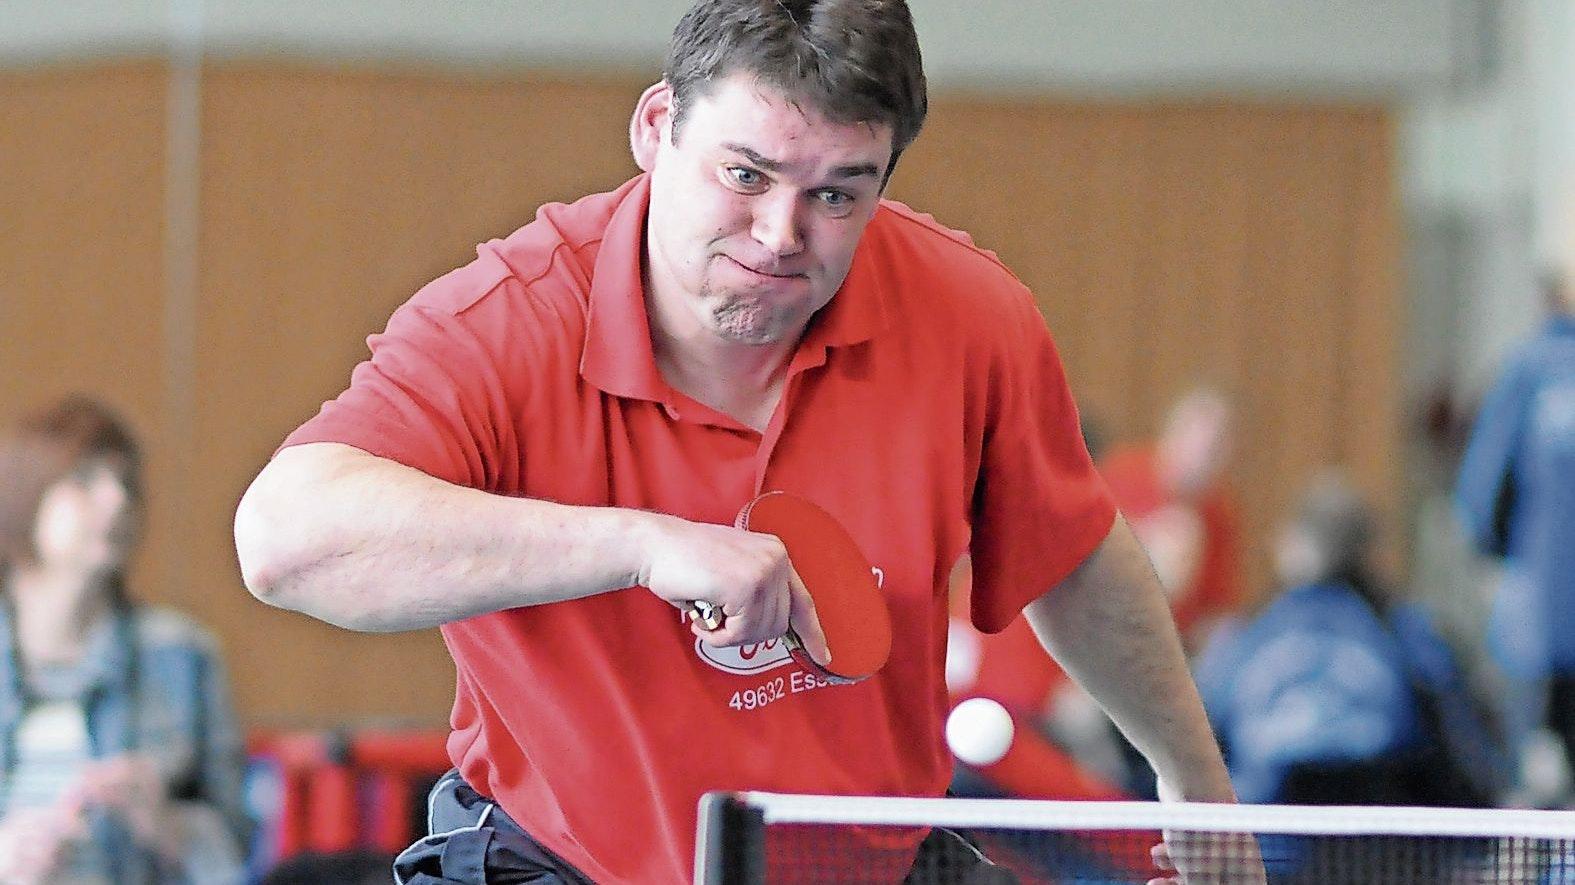 Mehrfacher Kreismeister: Manfred Garwels beherrschte jahrelang die Tischtennisszene des Kreises Cloppenburg. 1985 gewann er als 18-Jähriger seinen ersten Titel. Foto: Matthias Garwels